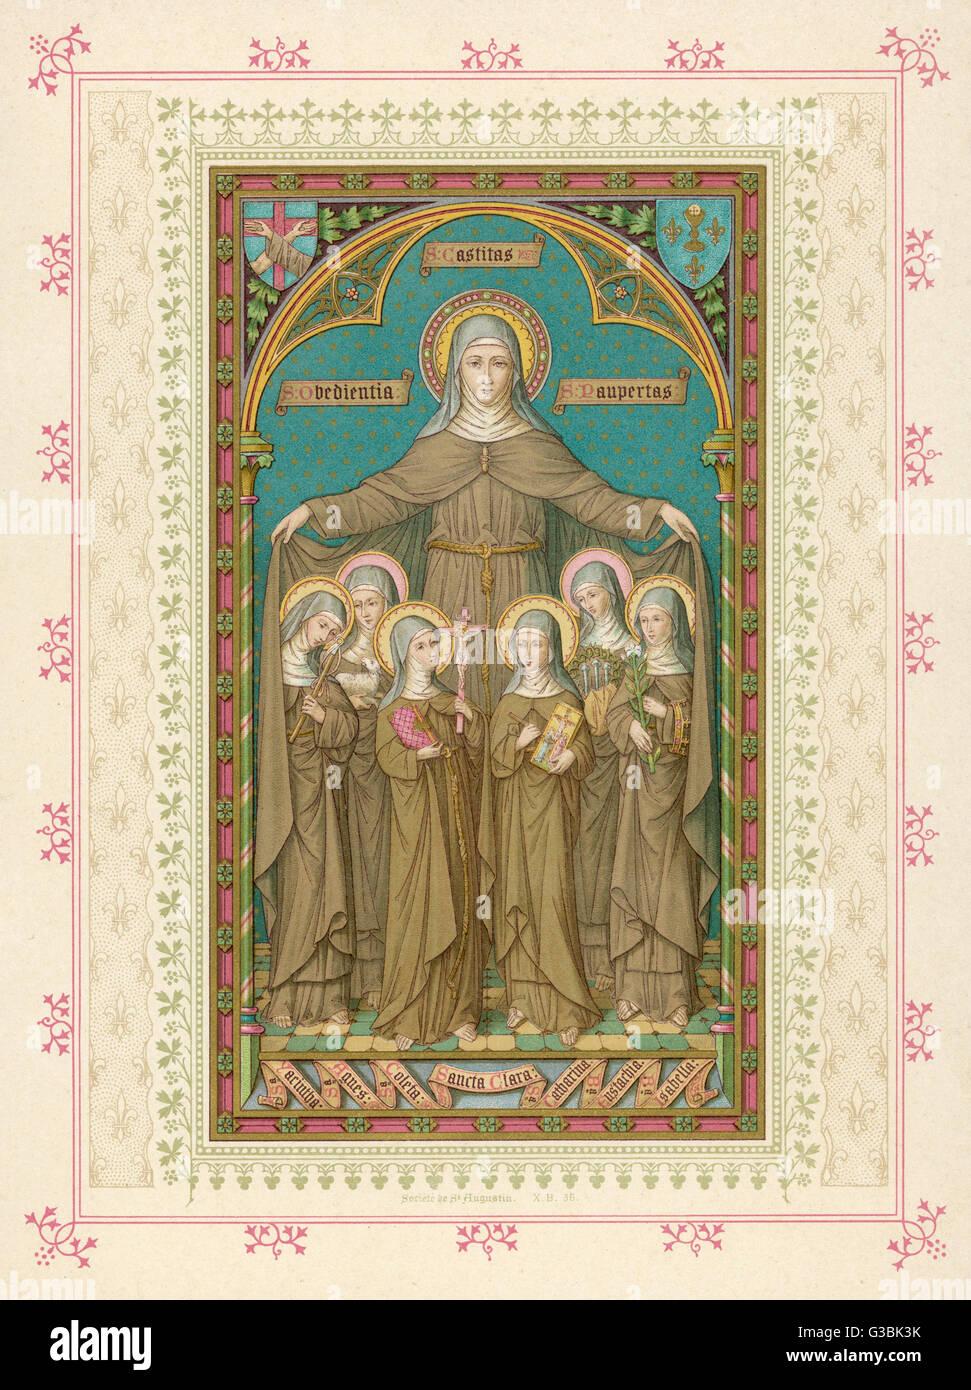 Saint Clare of Assisi - Nun, Saint - Biography